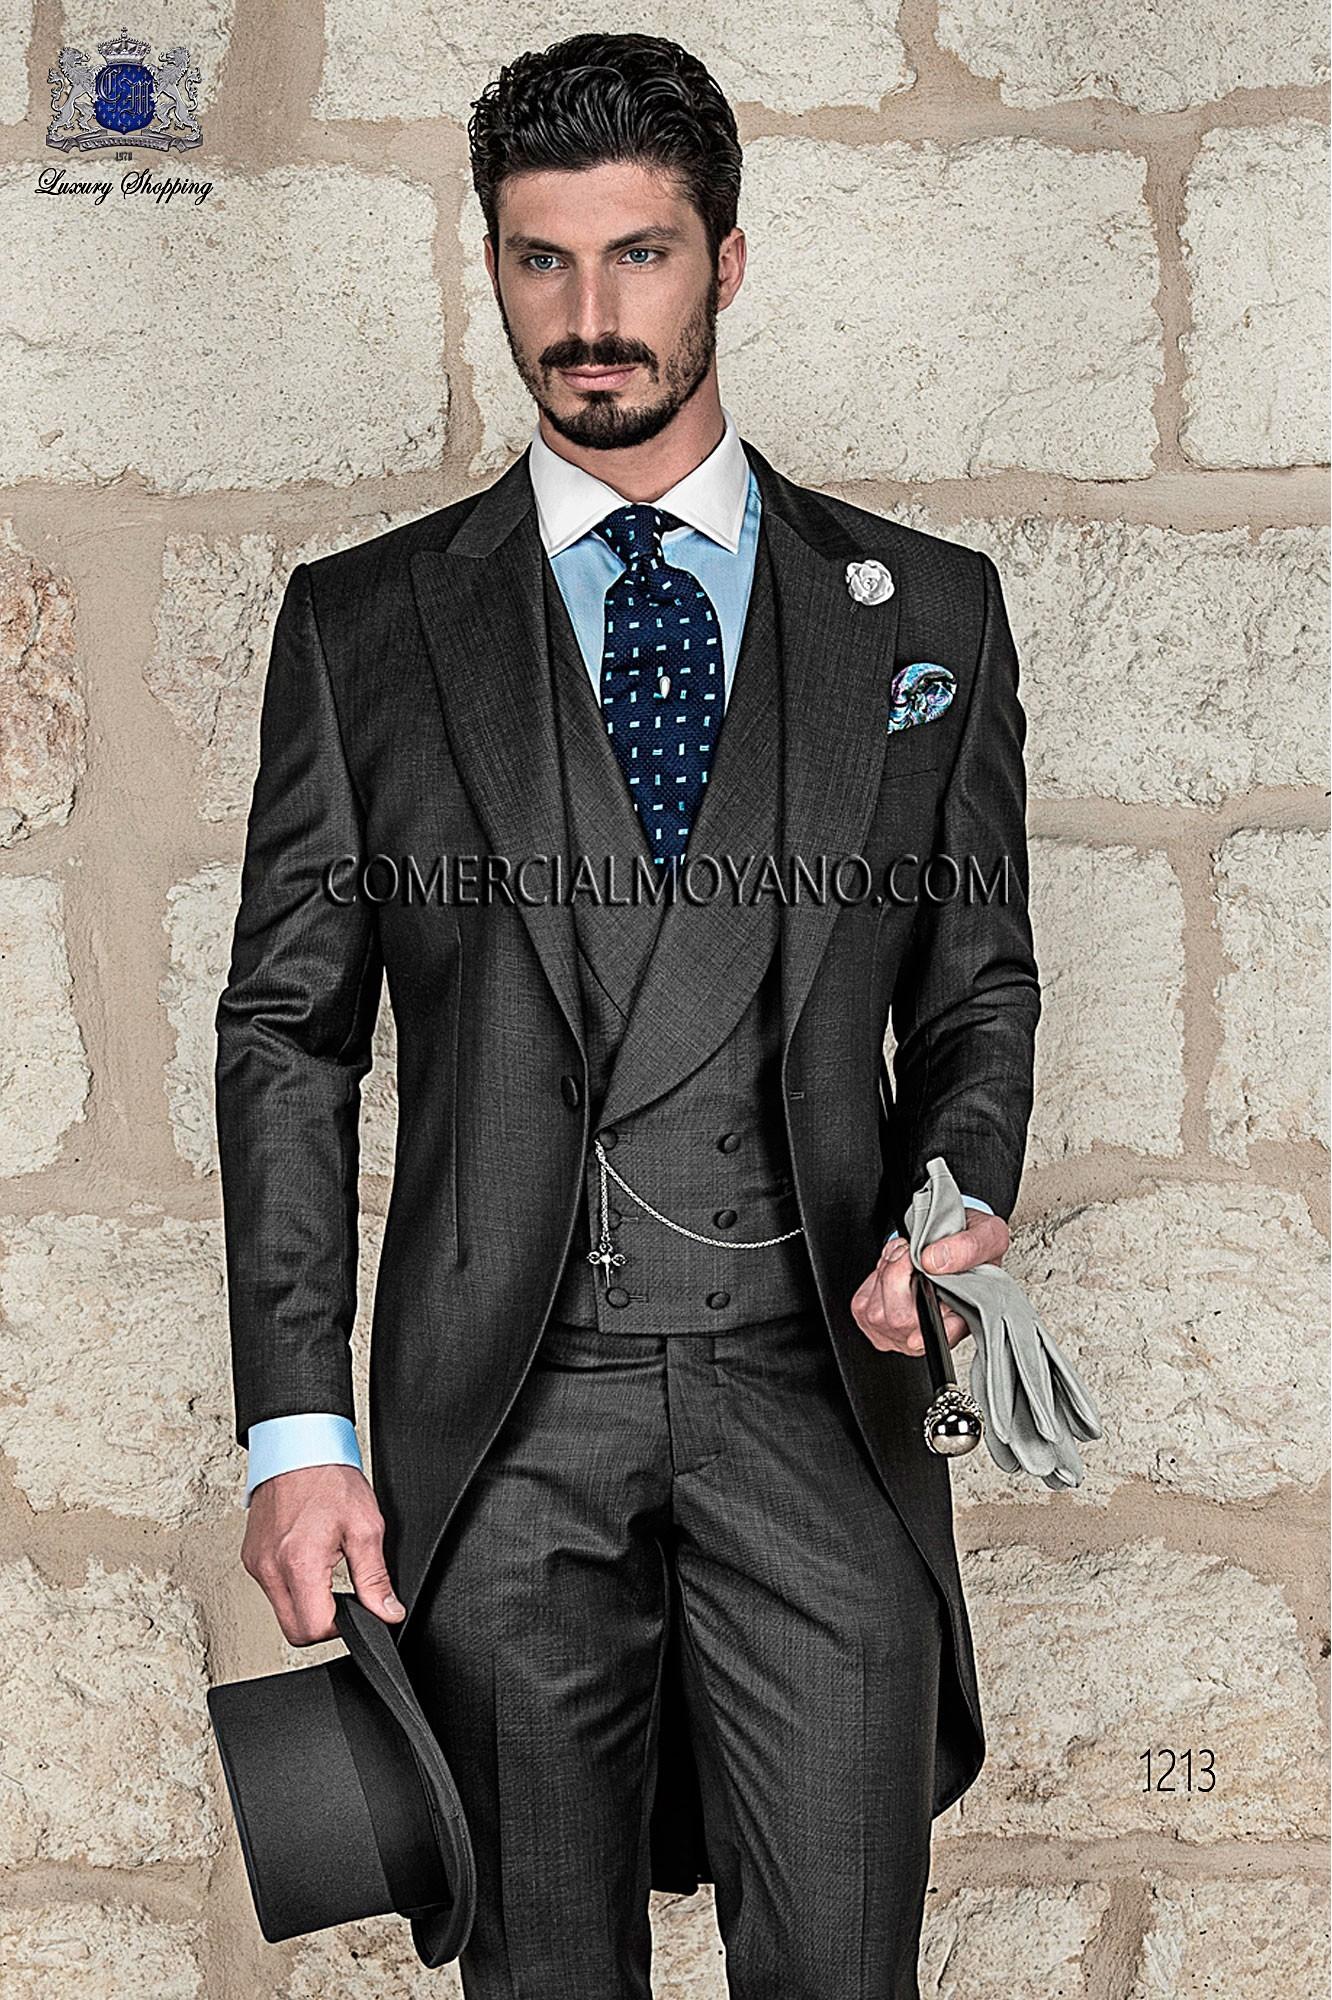 Traje Gentleman de novio gris modelo: 1213 Ottavio Nuccio Gala colección Gentleman